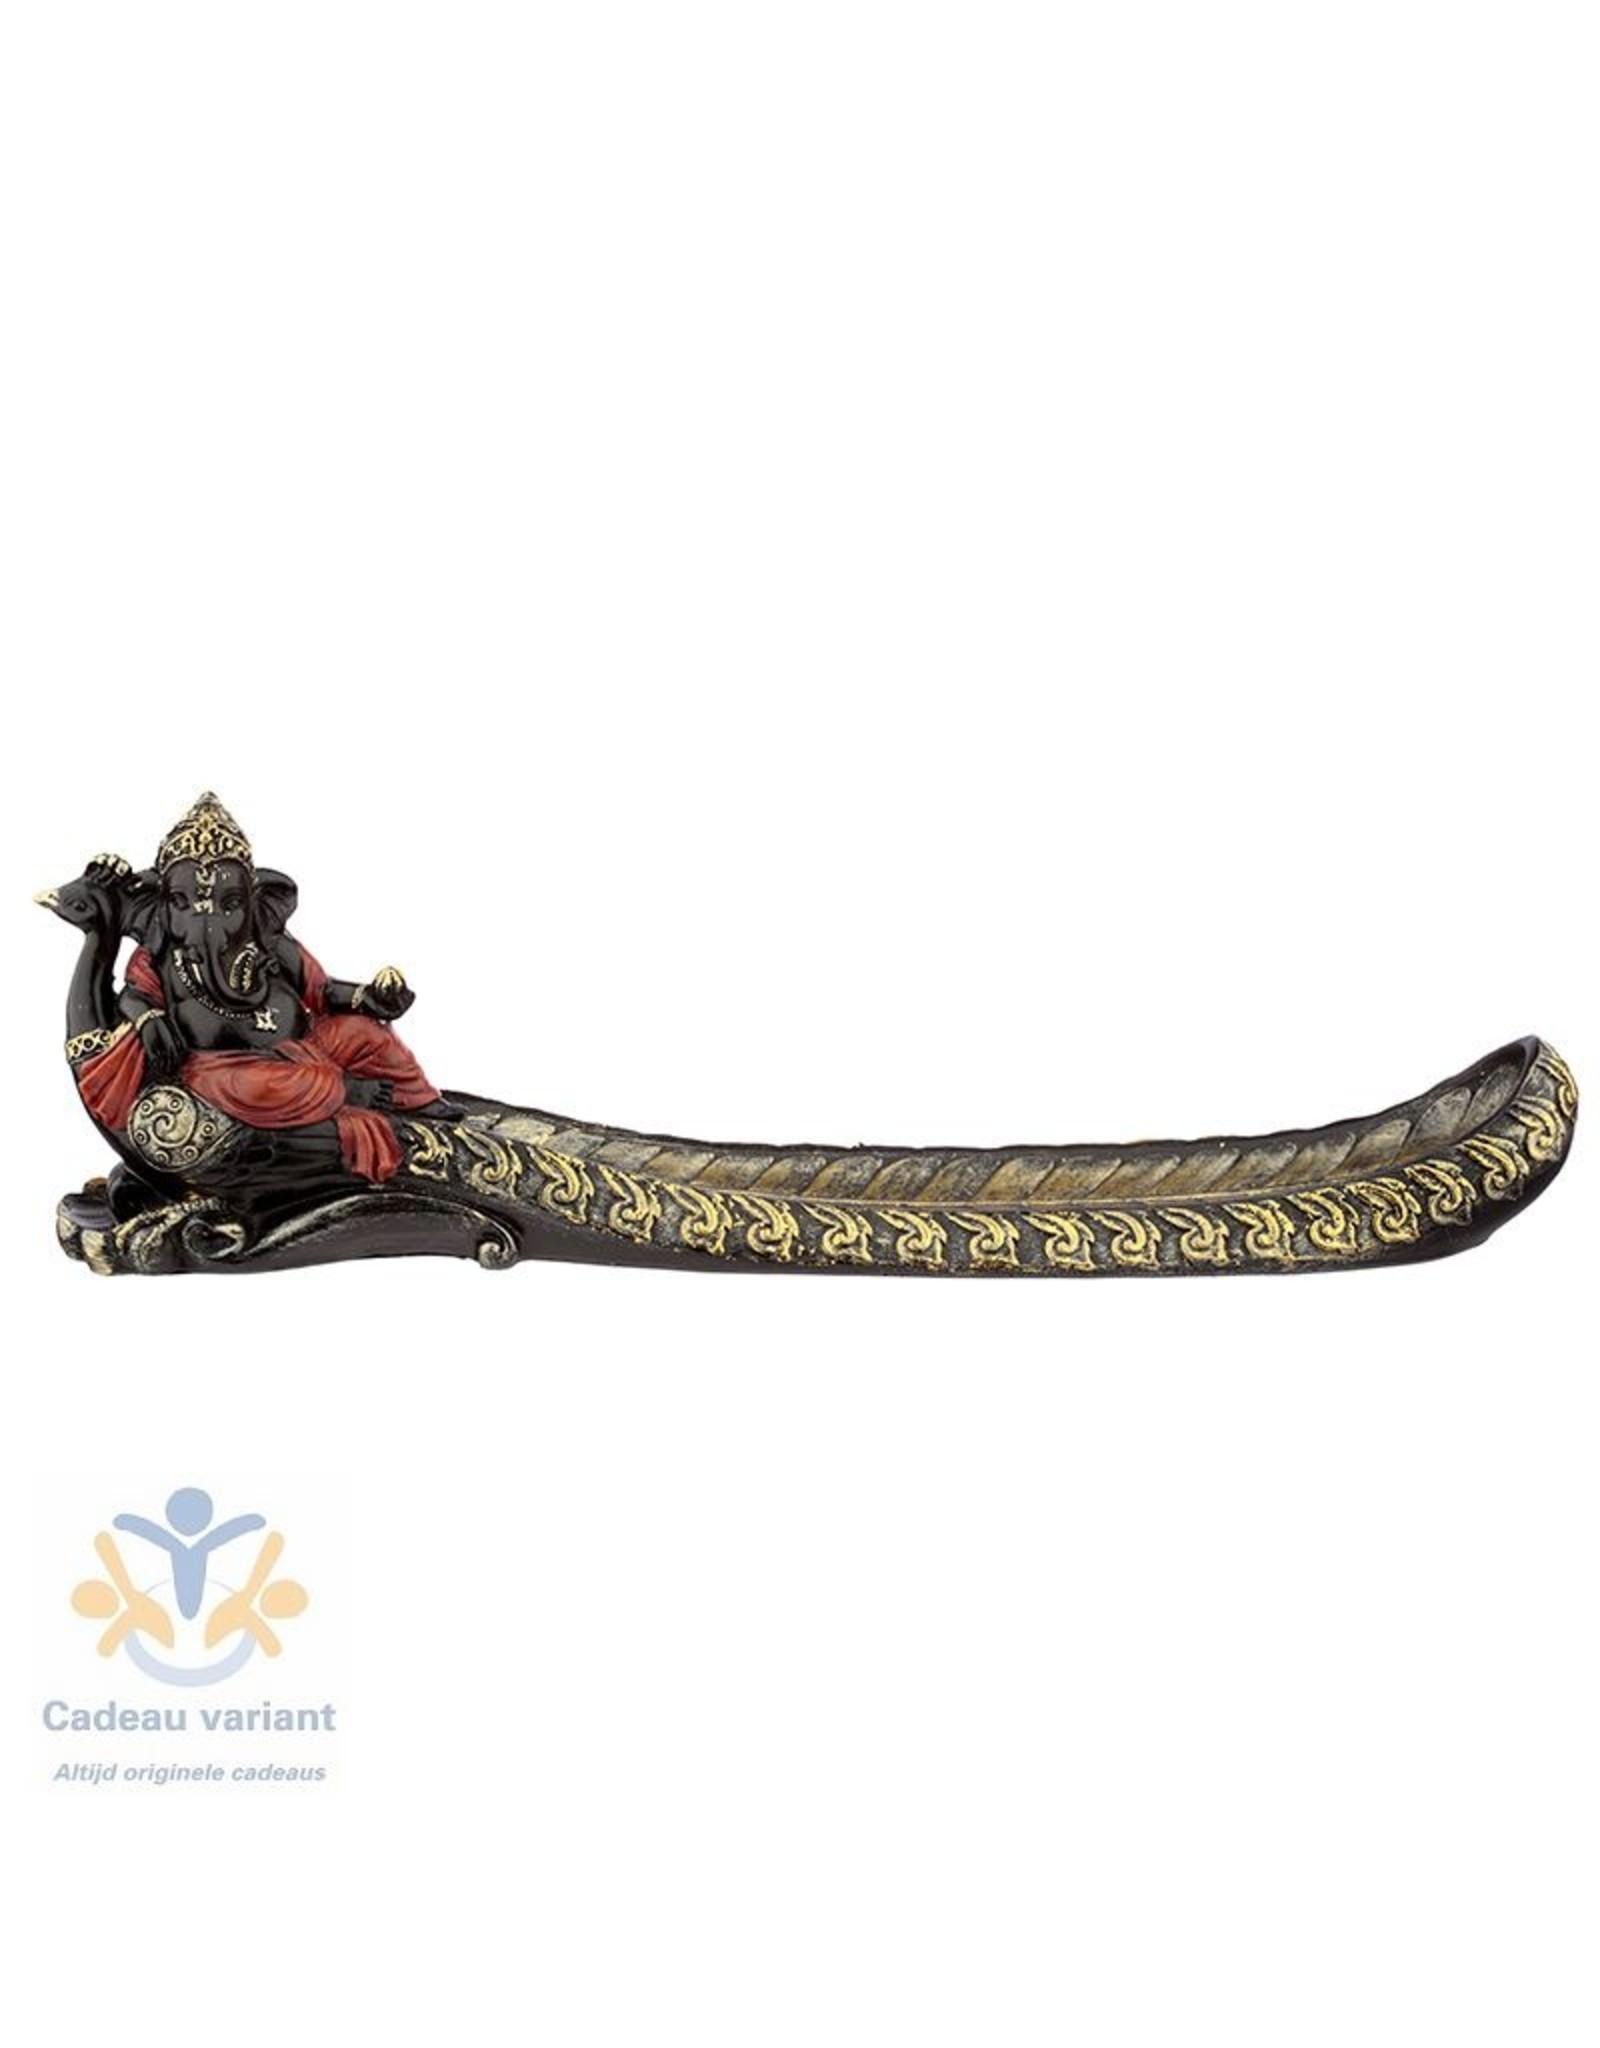 Ganesha exclusieve wierookhouder